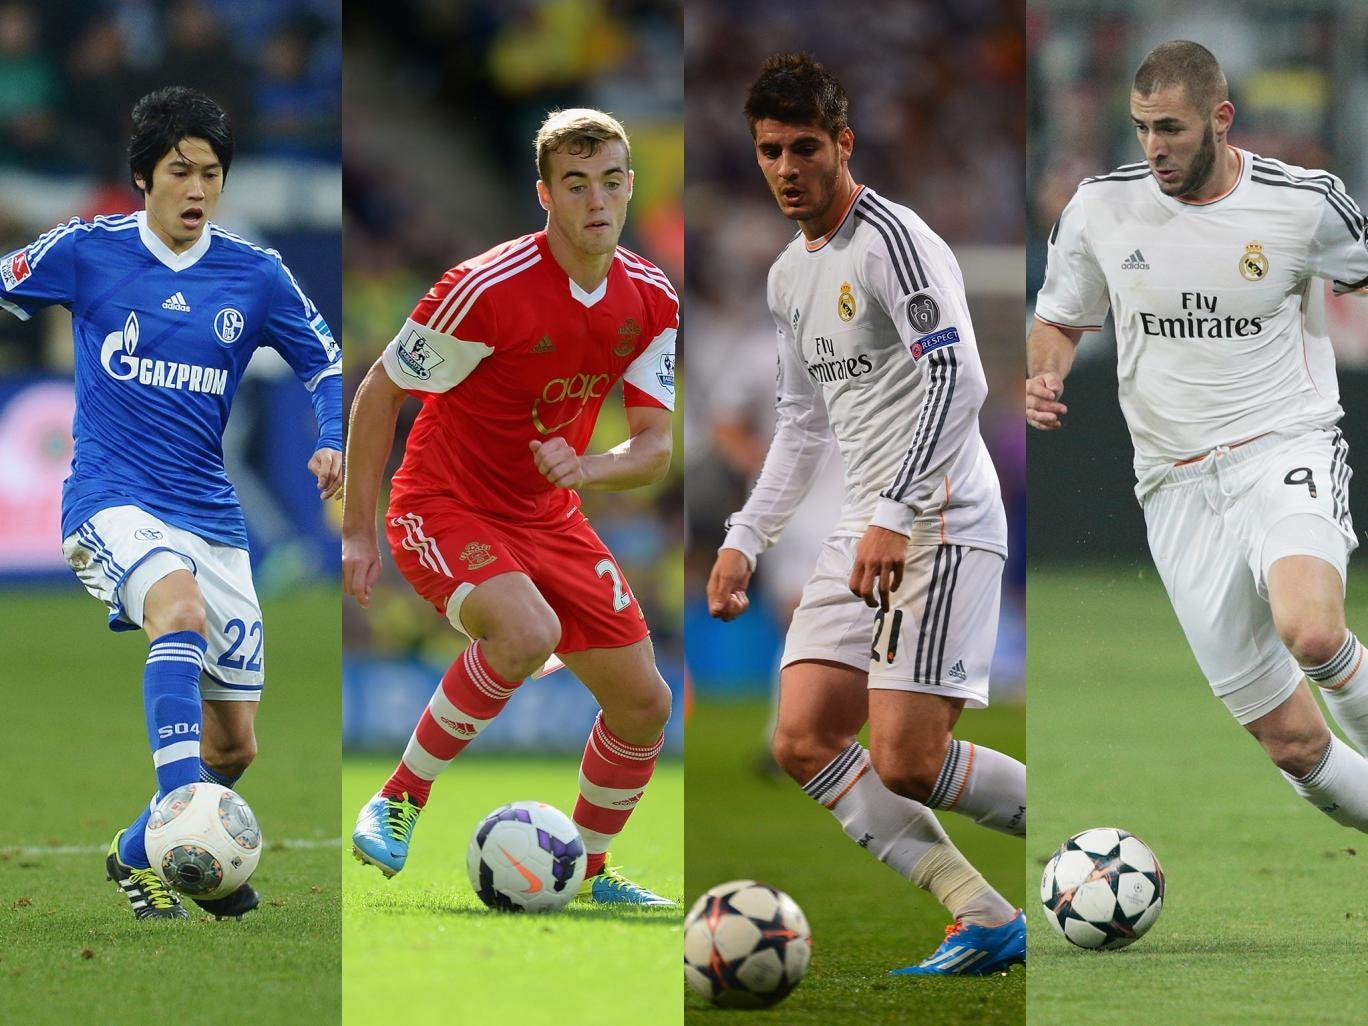 Atsuto Uchida, Callum Chambers, Alvaro Morata and Karim Benzema